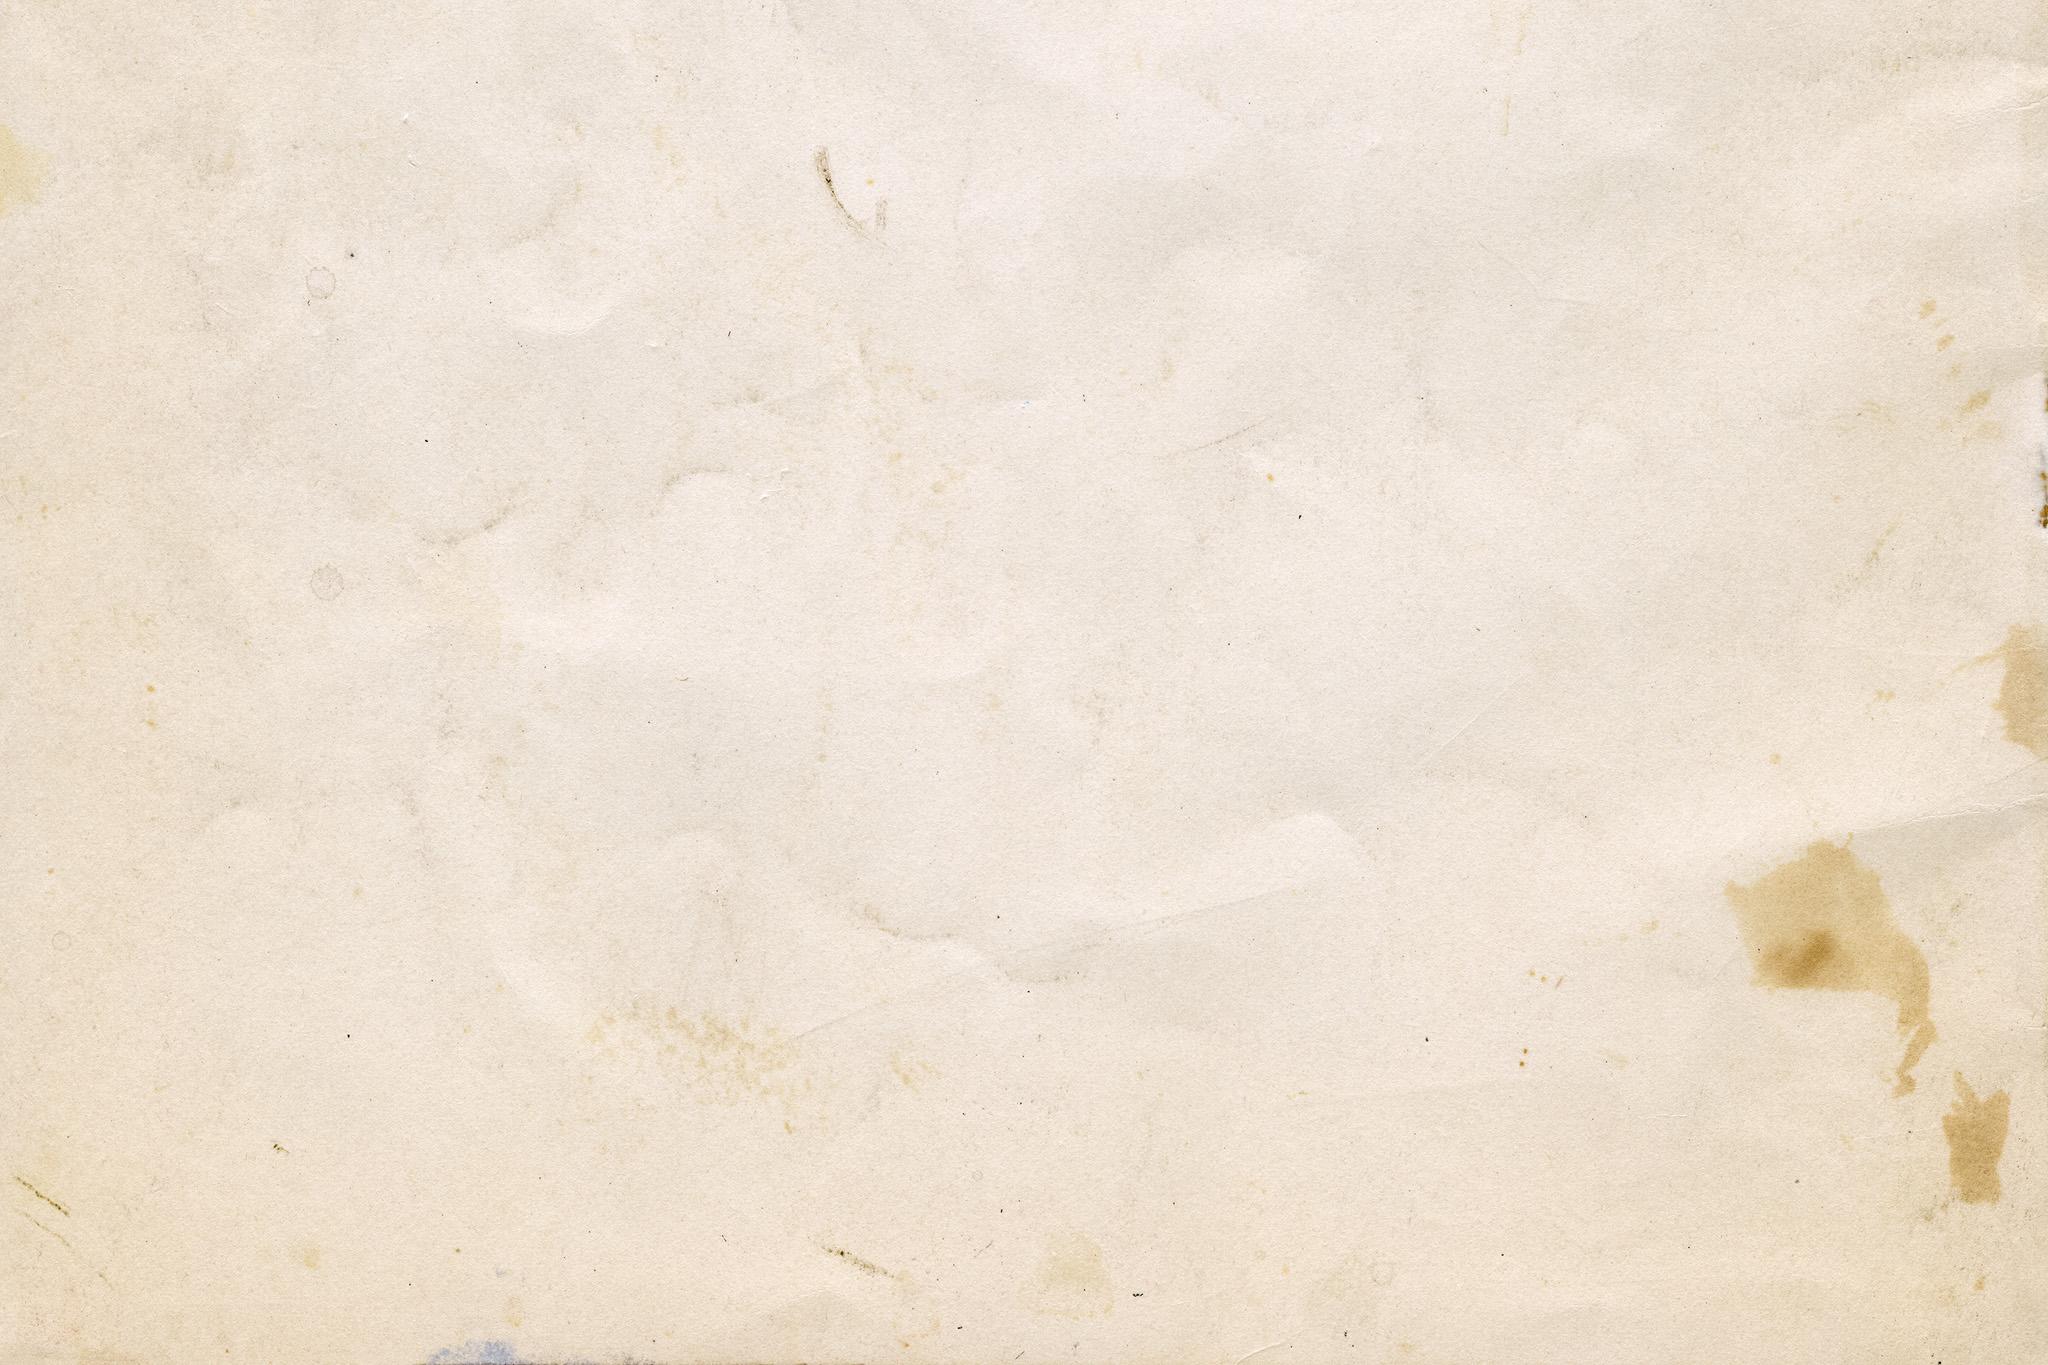 「汚れや傷のある劣化した紙」の素材を無料ダウンロード